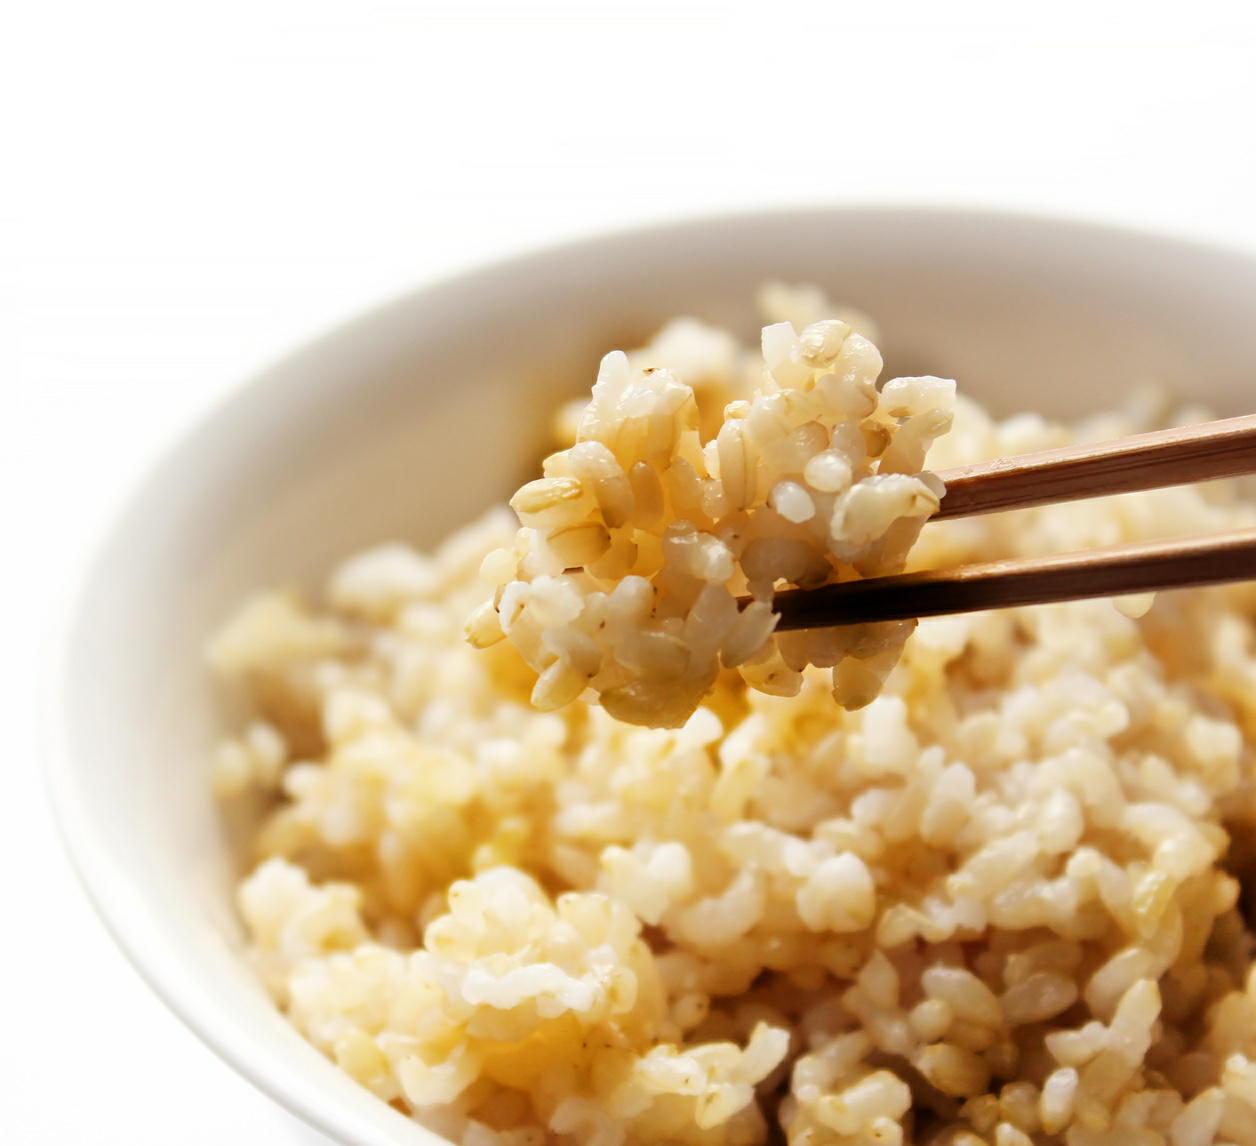 玄米への健康食としての期待が上昇 食べやすい新タイプの玄米も登場